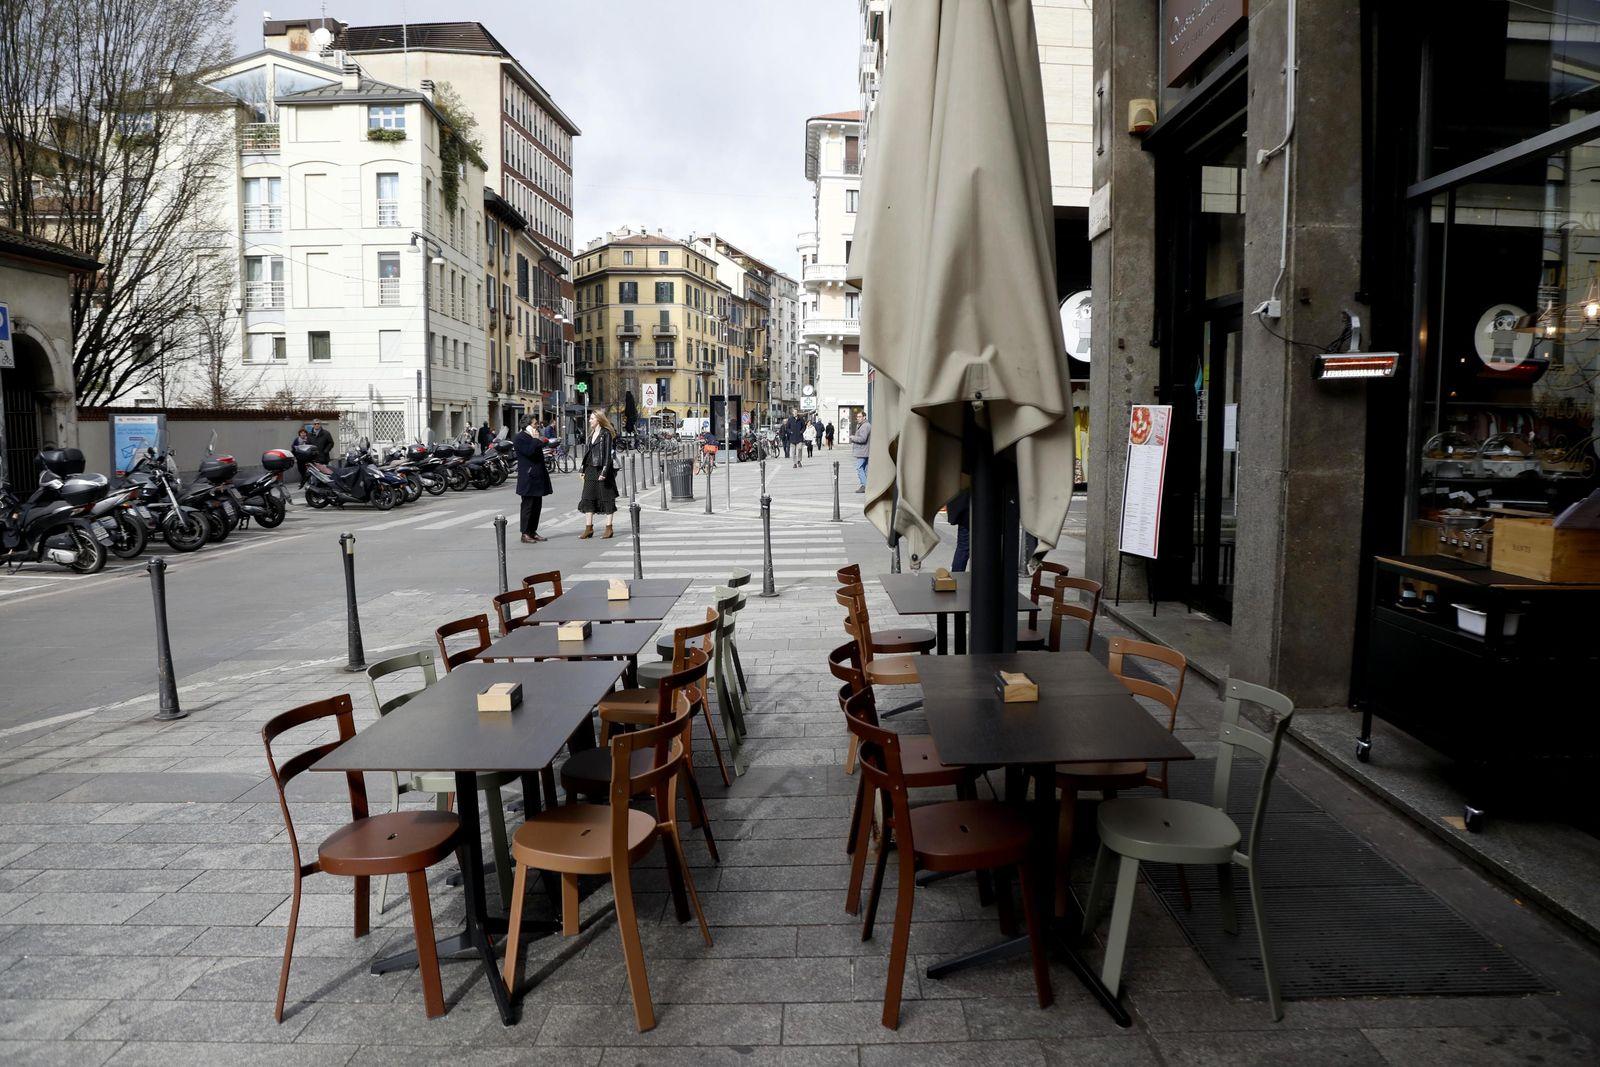 COVID-19 coronavirus in Italy, Milano - 26 Feb 2020